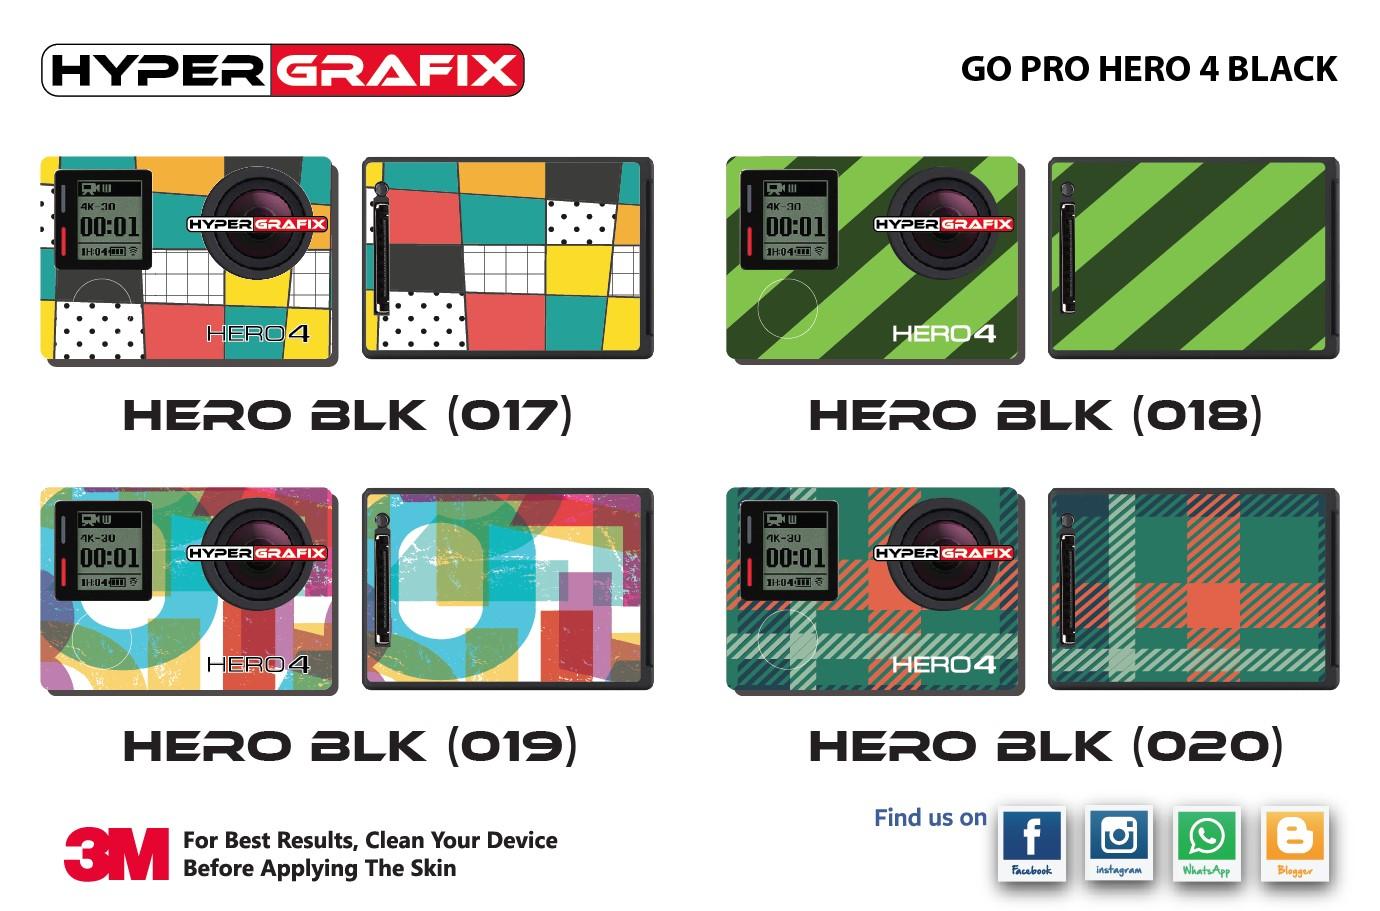 how to go pro hero 4